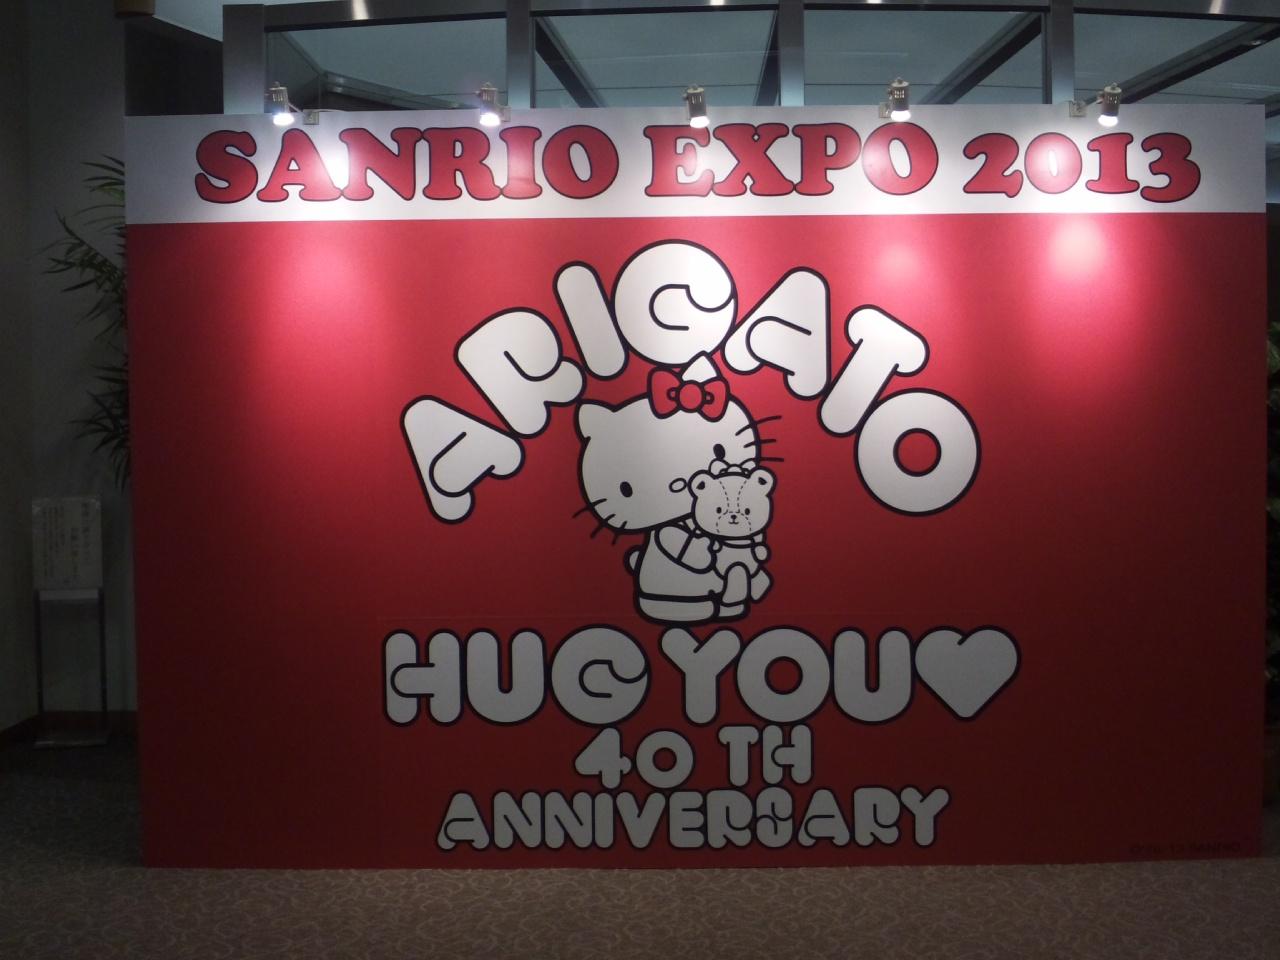 SANRIO EXPO 2013!